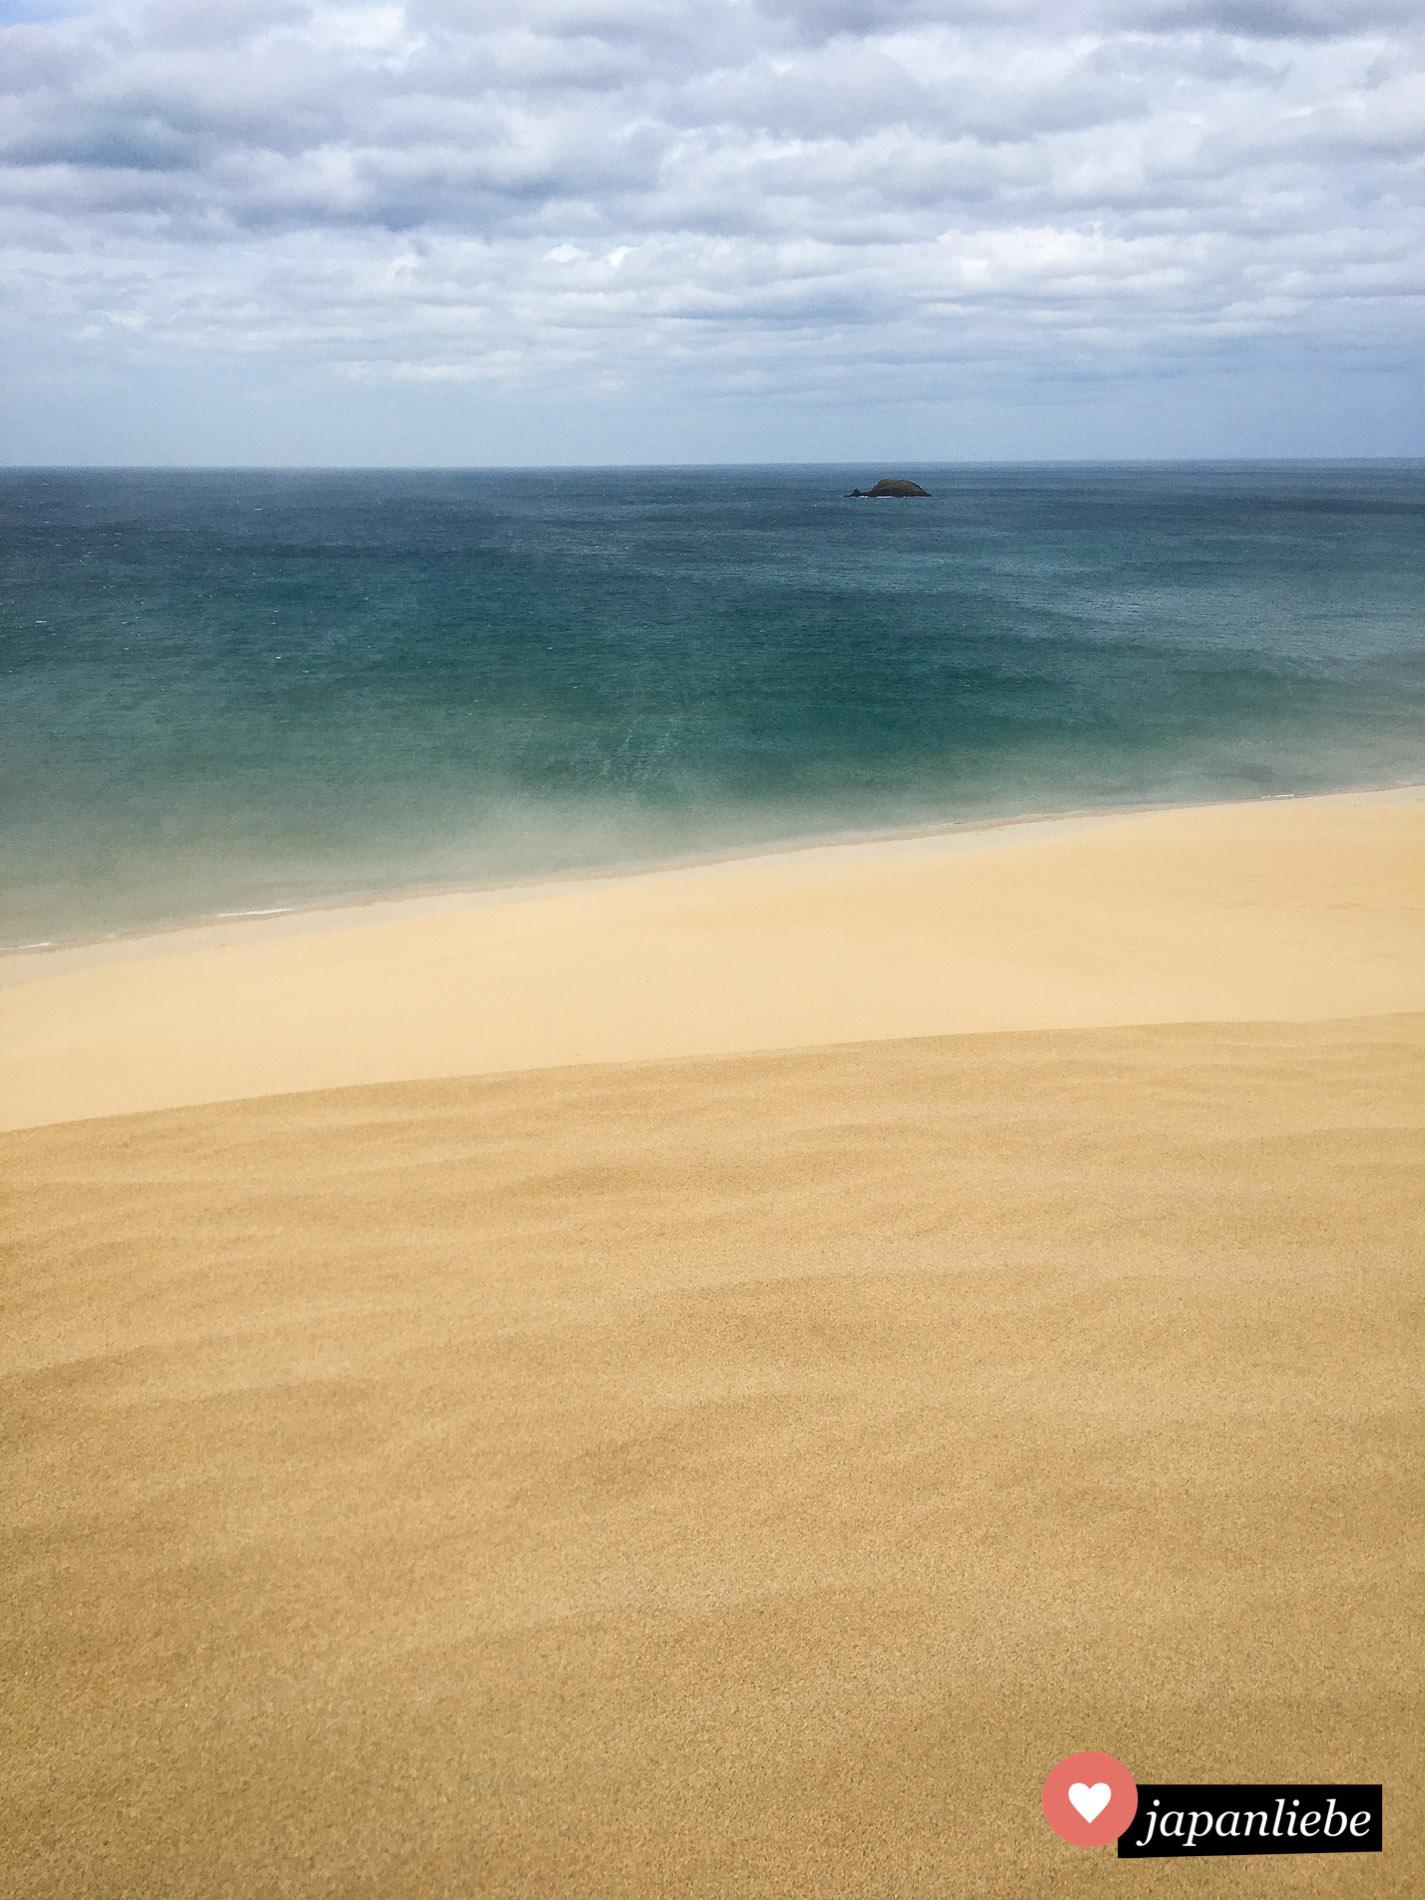 Tolle Farbkontraste während der Wind den Sand über die Dünen peitscht.